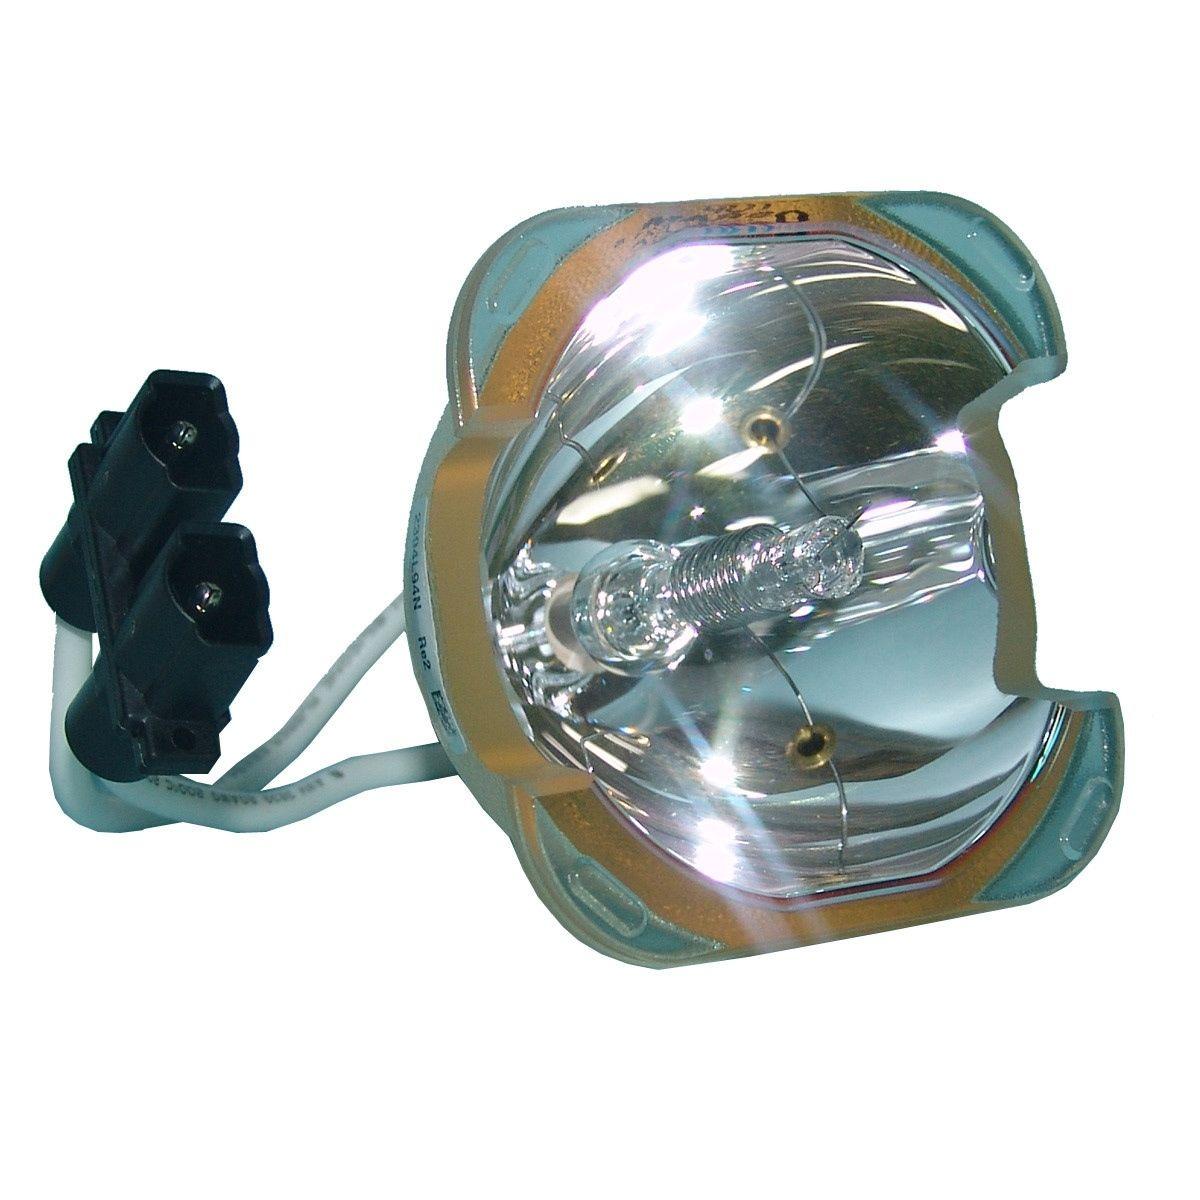 Compatible Bare Bulb 03-000710-01P for CHRISTIE Matrix 1500 / Vivid DS30 / Vivid DS30W Projector Lamp Bulb without housing compatible bare bulb lv lp06 4642a001 for canon lv 7525 lv 7525e lv 7535 lv 7535u projector lamp bulb without housing